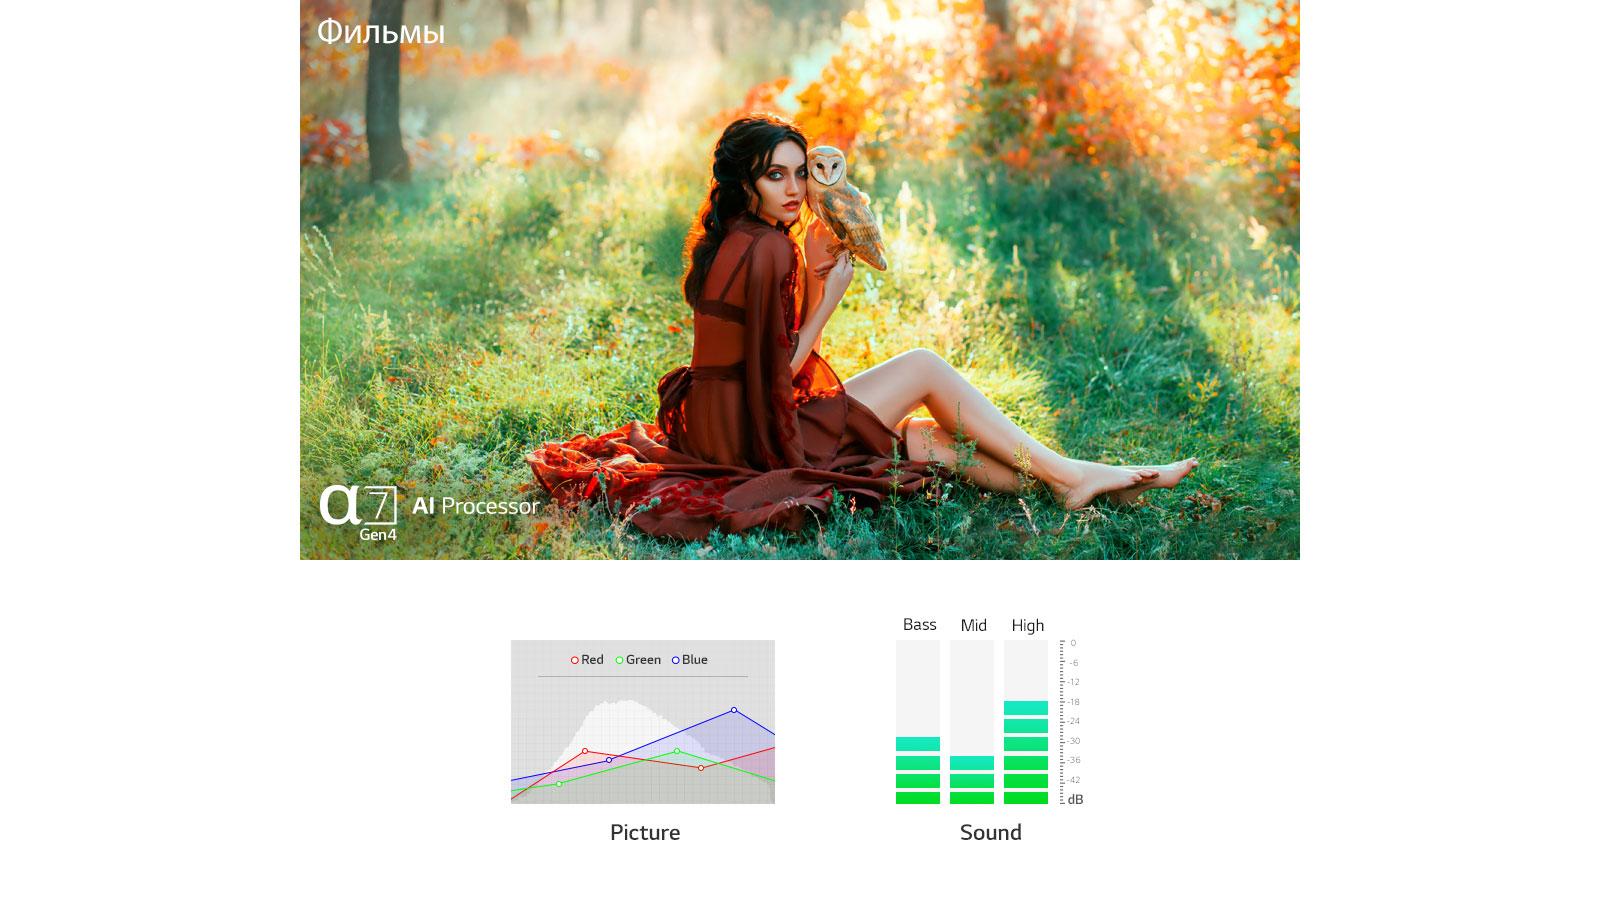 Женщина с совой в лесу с текстом «фильм» в левом верхнем углу и логотипом процессора a7 Gen4 AI в левом нижнем углу. Кадр с замком на фоне луны с текстом «анимация» в верхнем левом углу и логотипом процессора a7 Gen4 AI в левом нижнем углу. (просмотр видео)